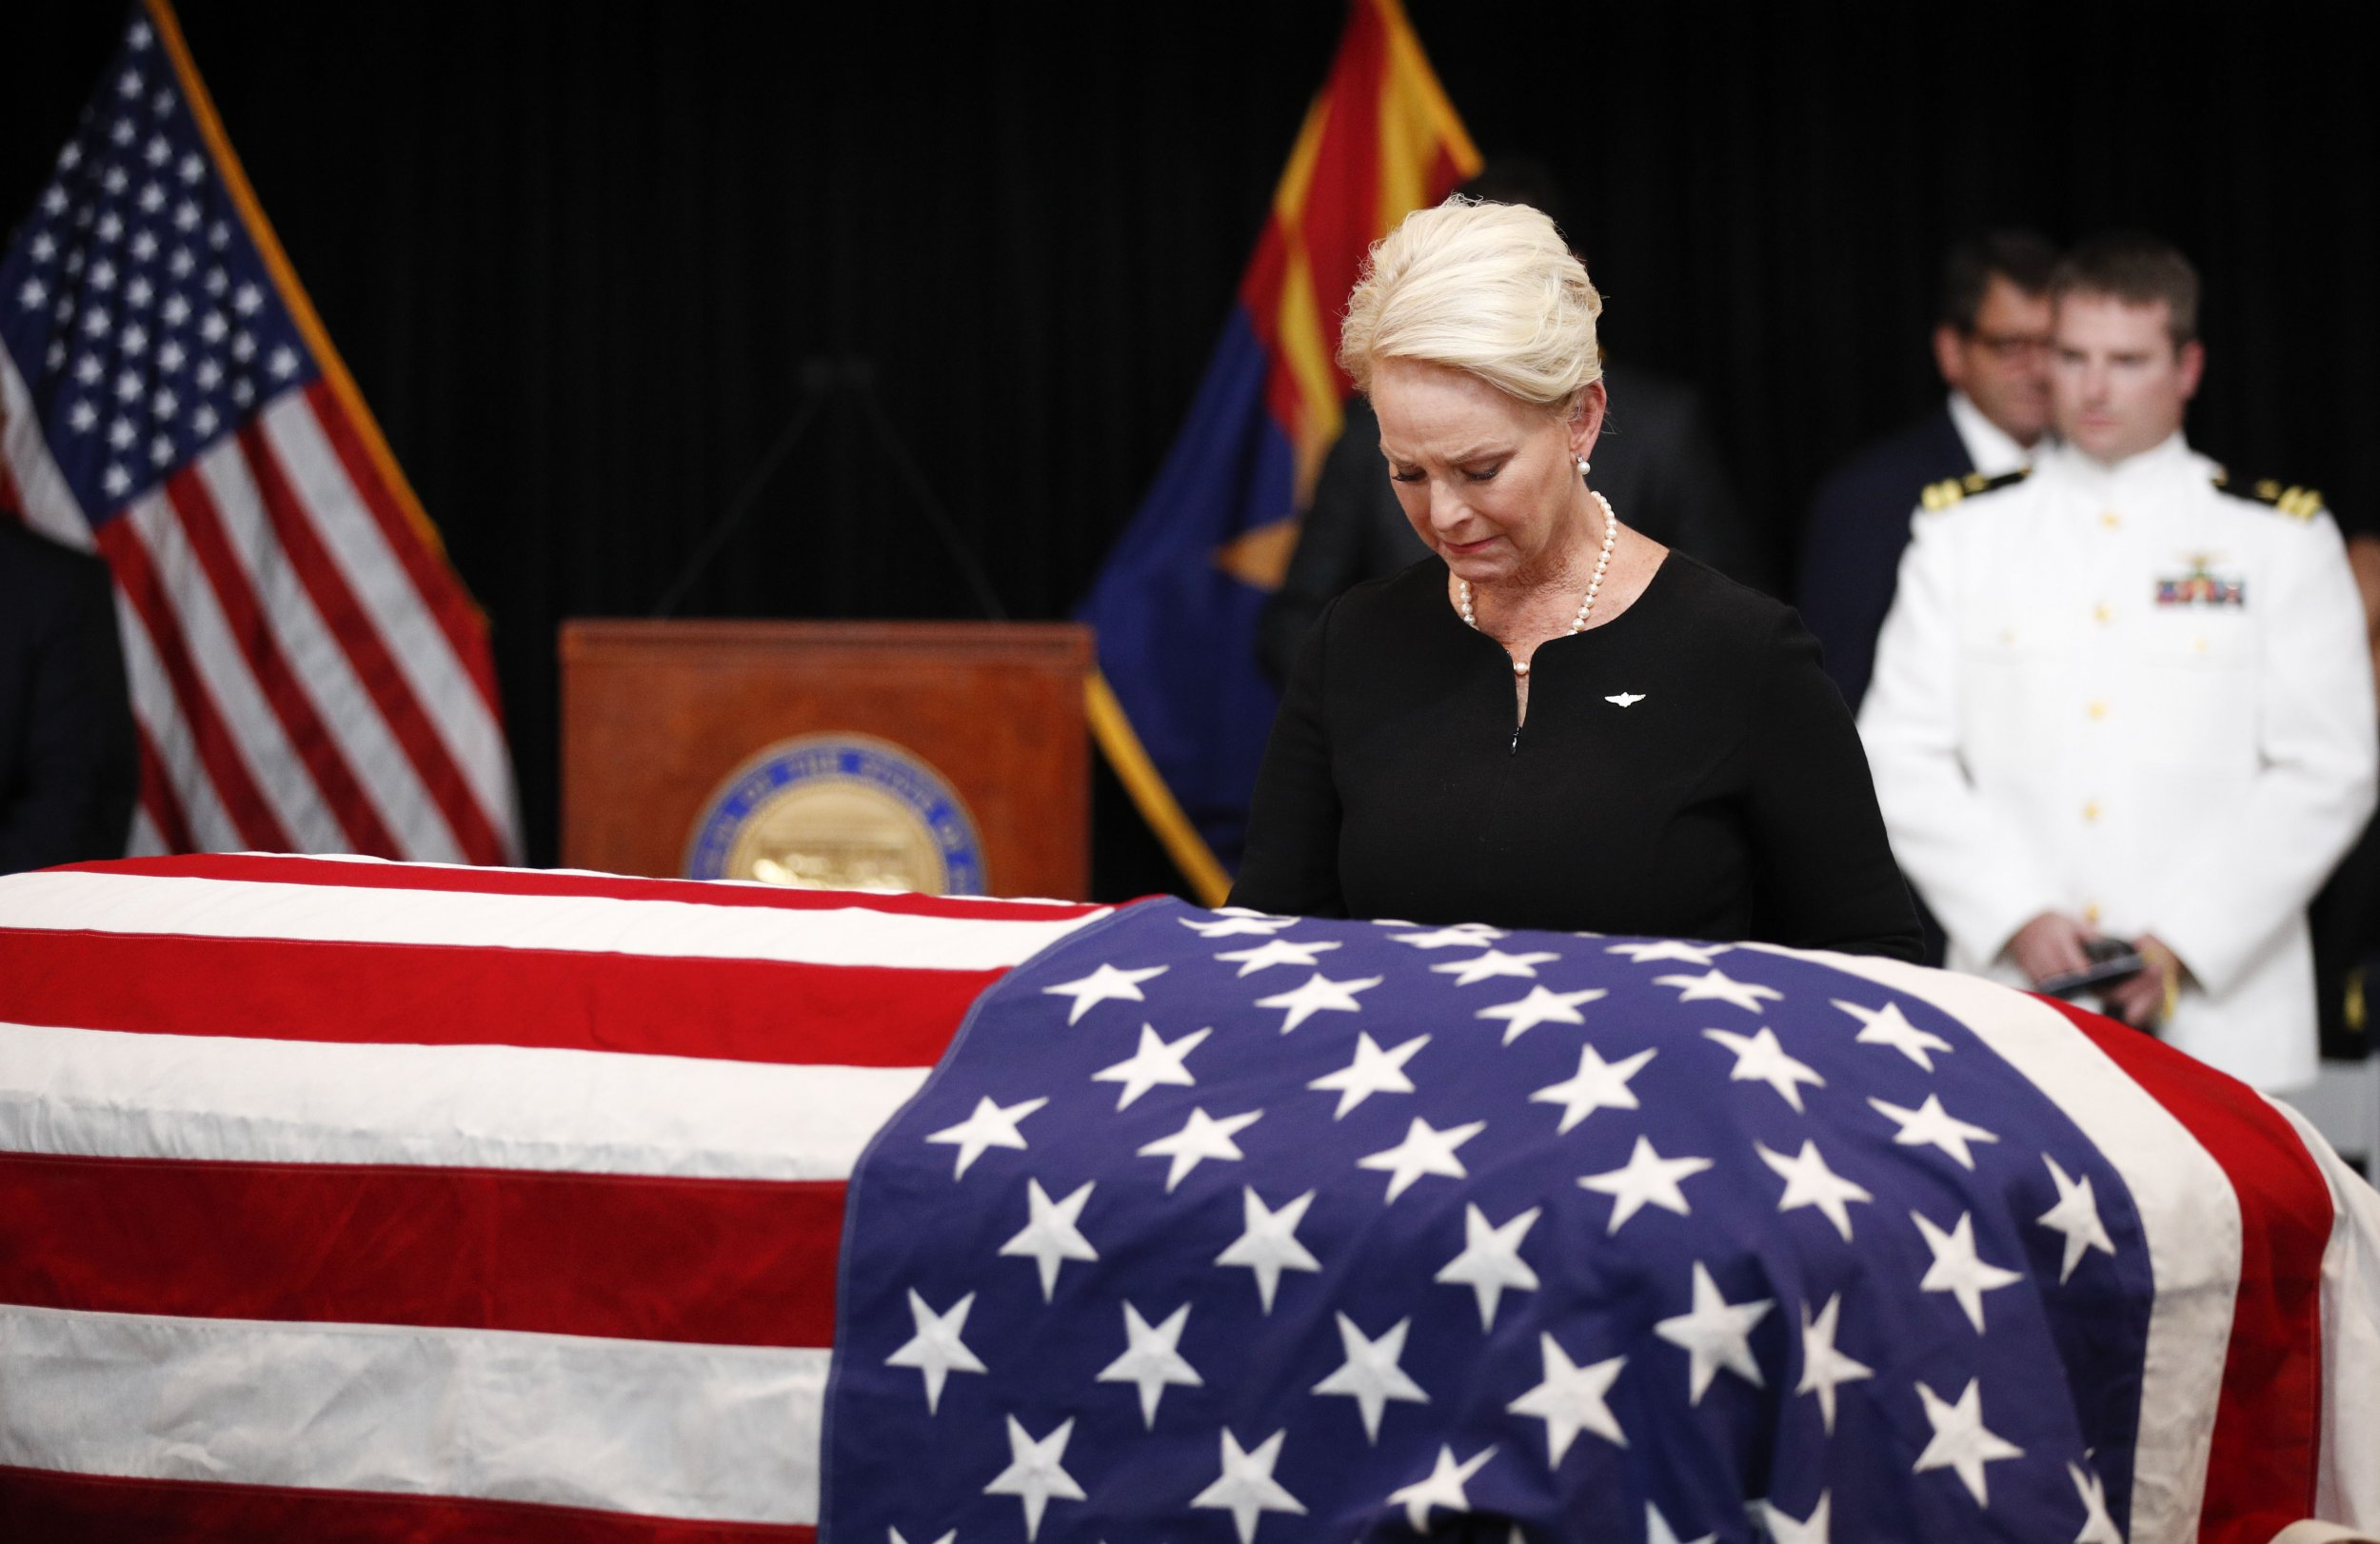 GOP, Democrats Continue Attack Ads in Arizona Despite McCain Memorial Service